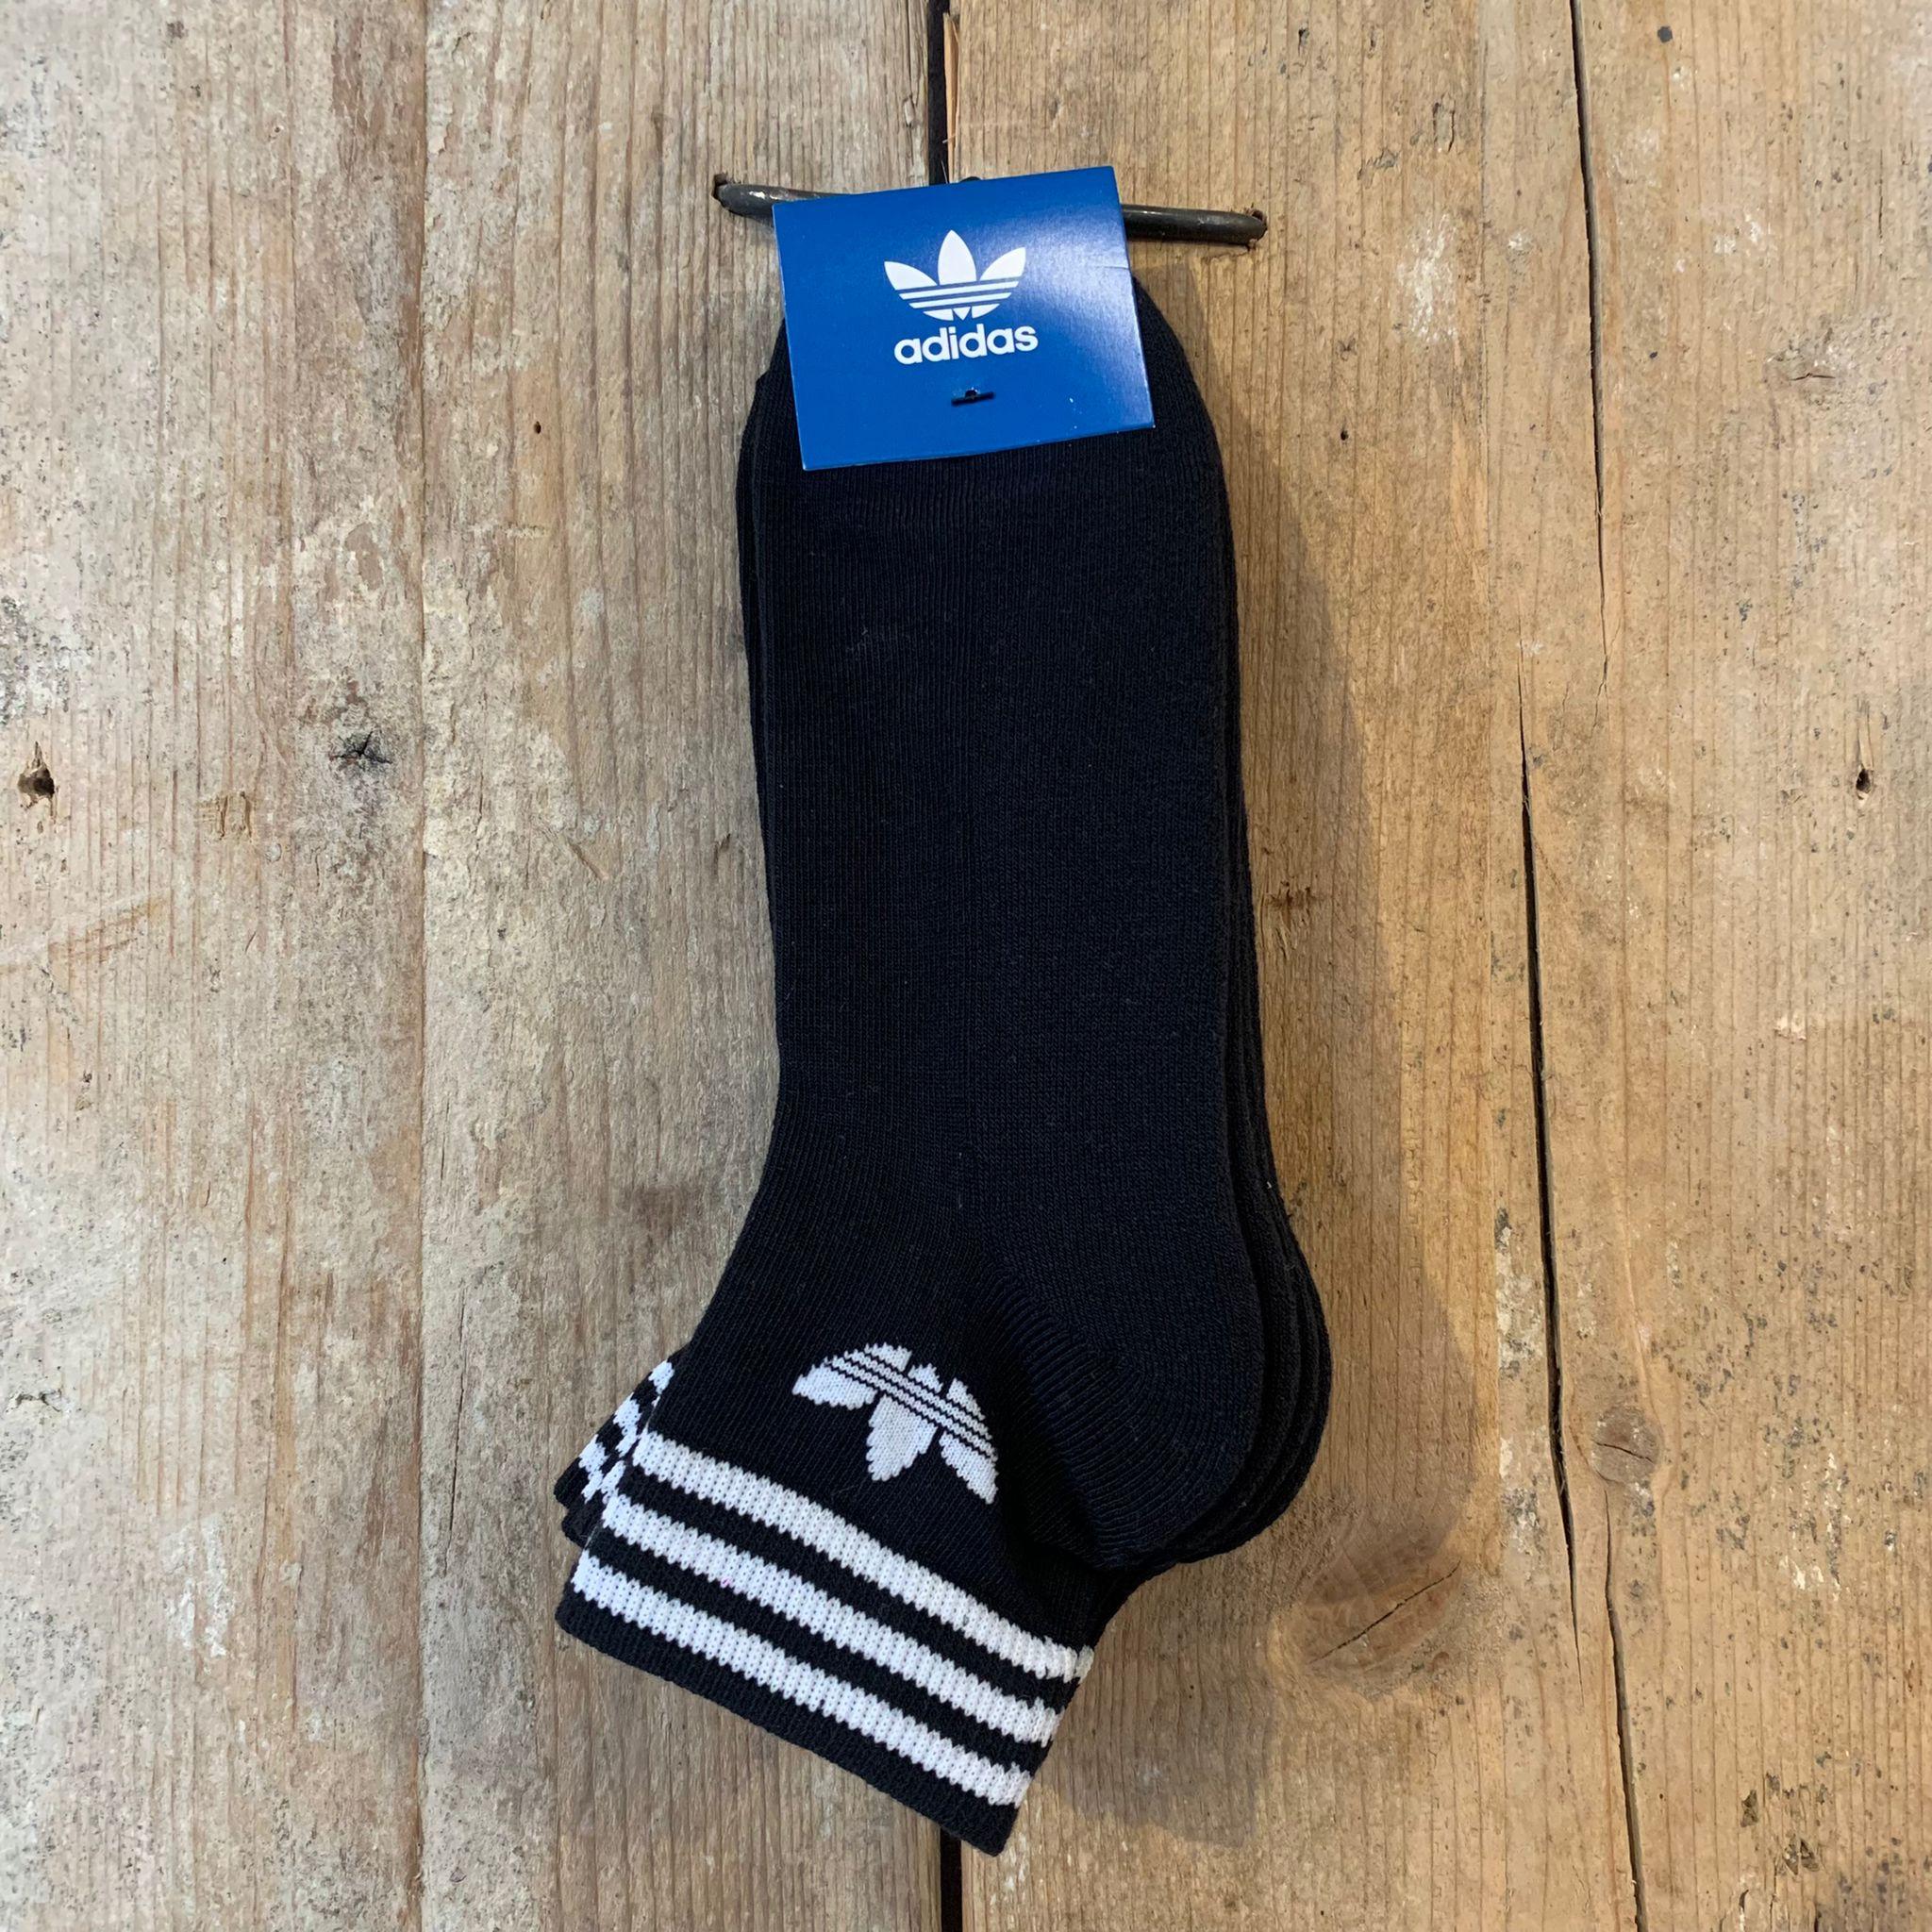 Calzini Adidas Trefoil Neri alla Caviglia con Strisce Bianche (3Pack)